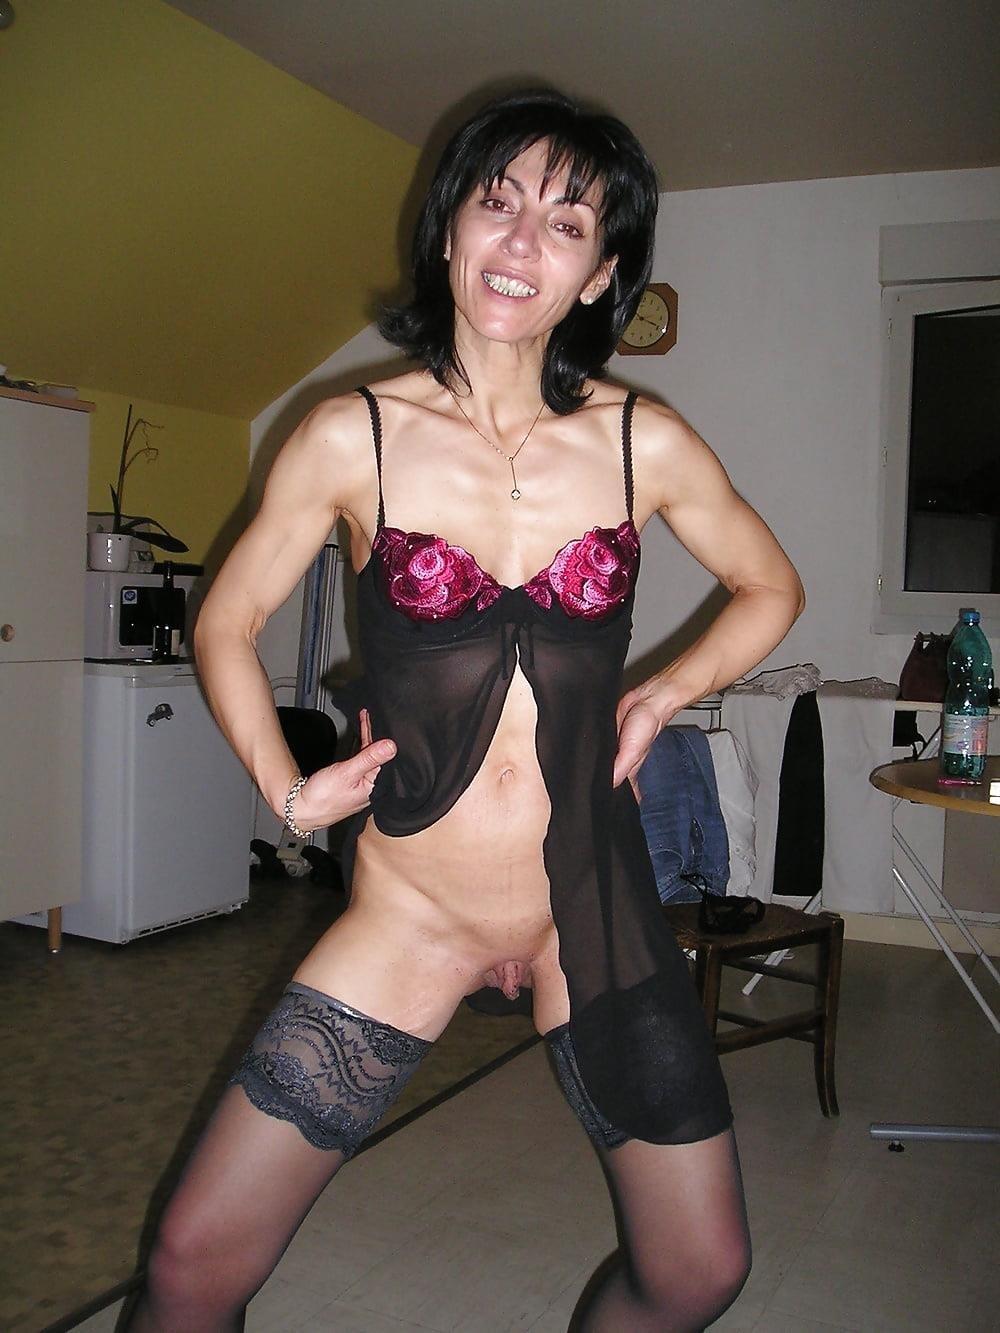 Hot girls bathing naked-7255